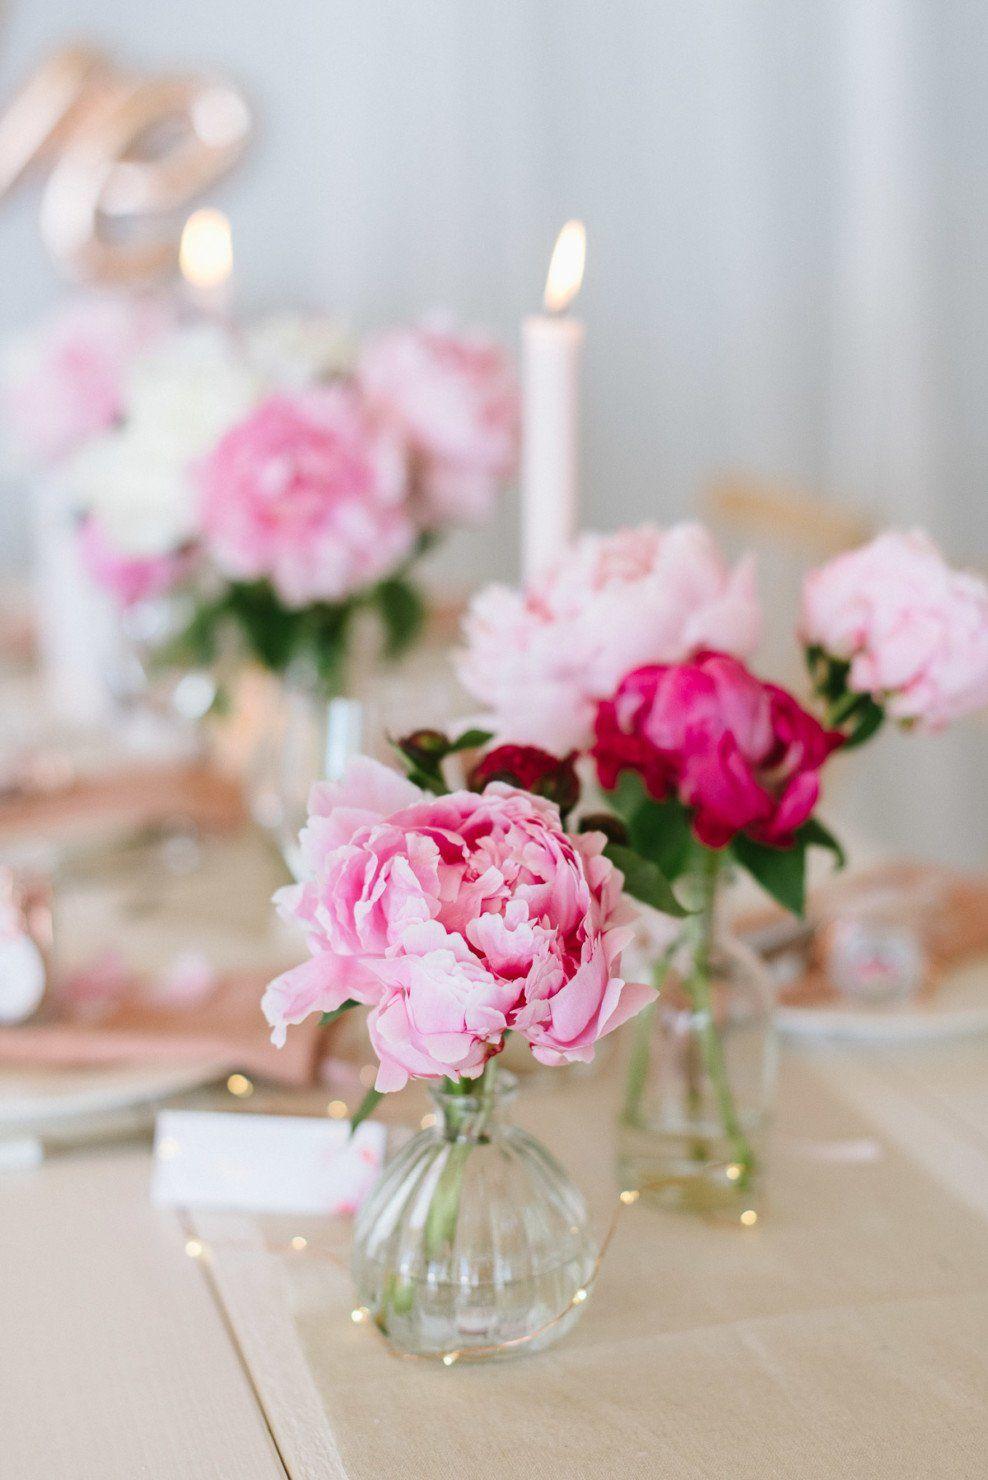 Pfingstrosen bei der Hochzeit - Fräulein K. Sagt Ja Hochzeitsblog